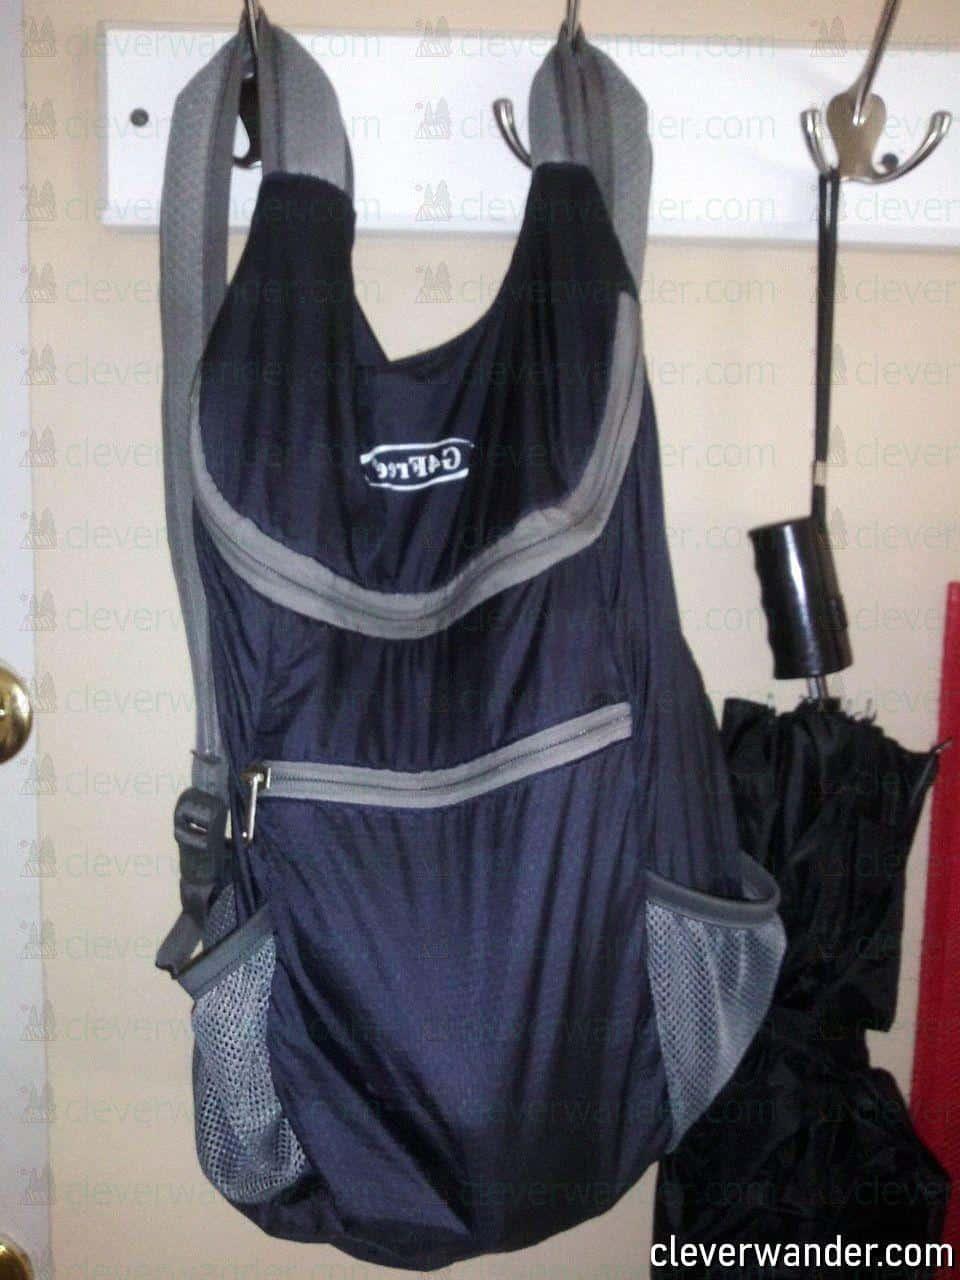 G4Free Lightweight Shoulder Backpack - image review 3